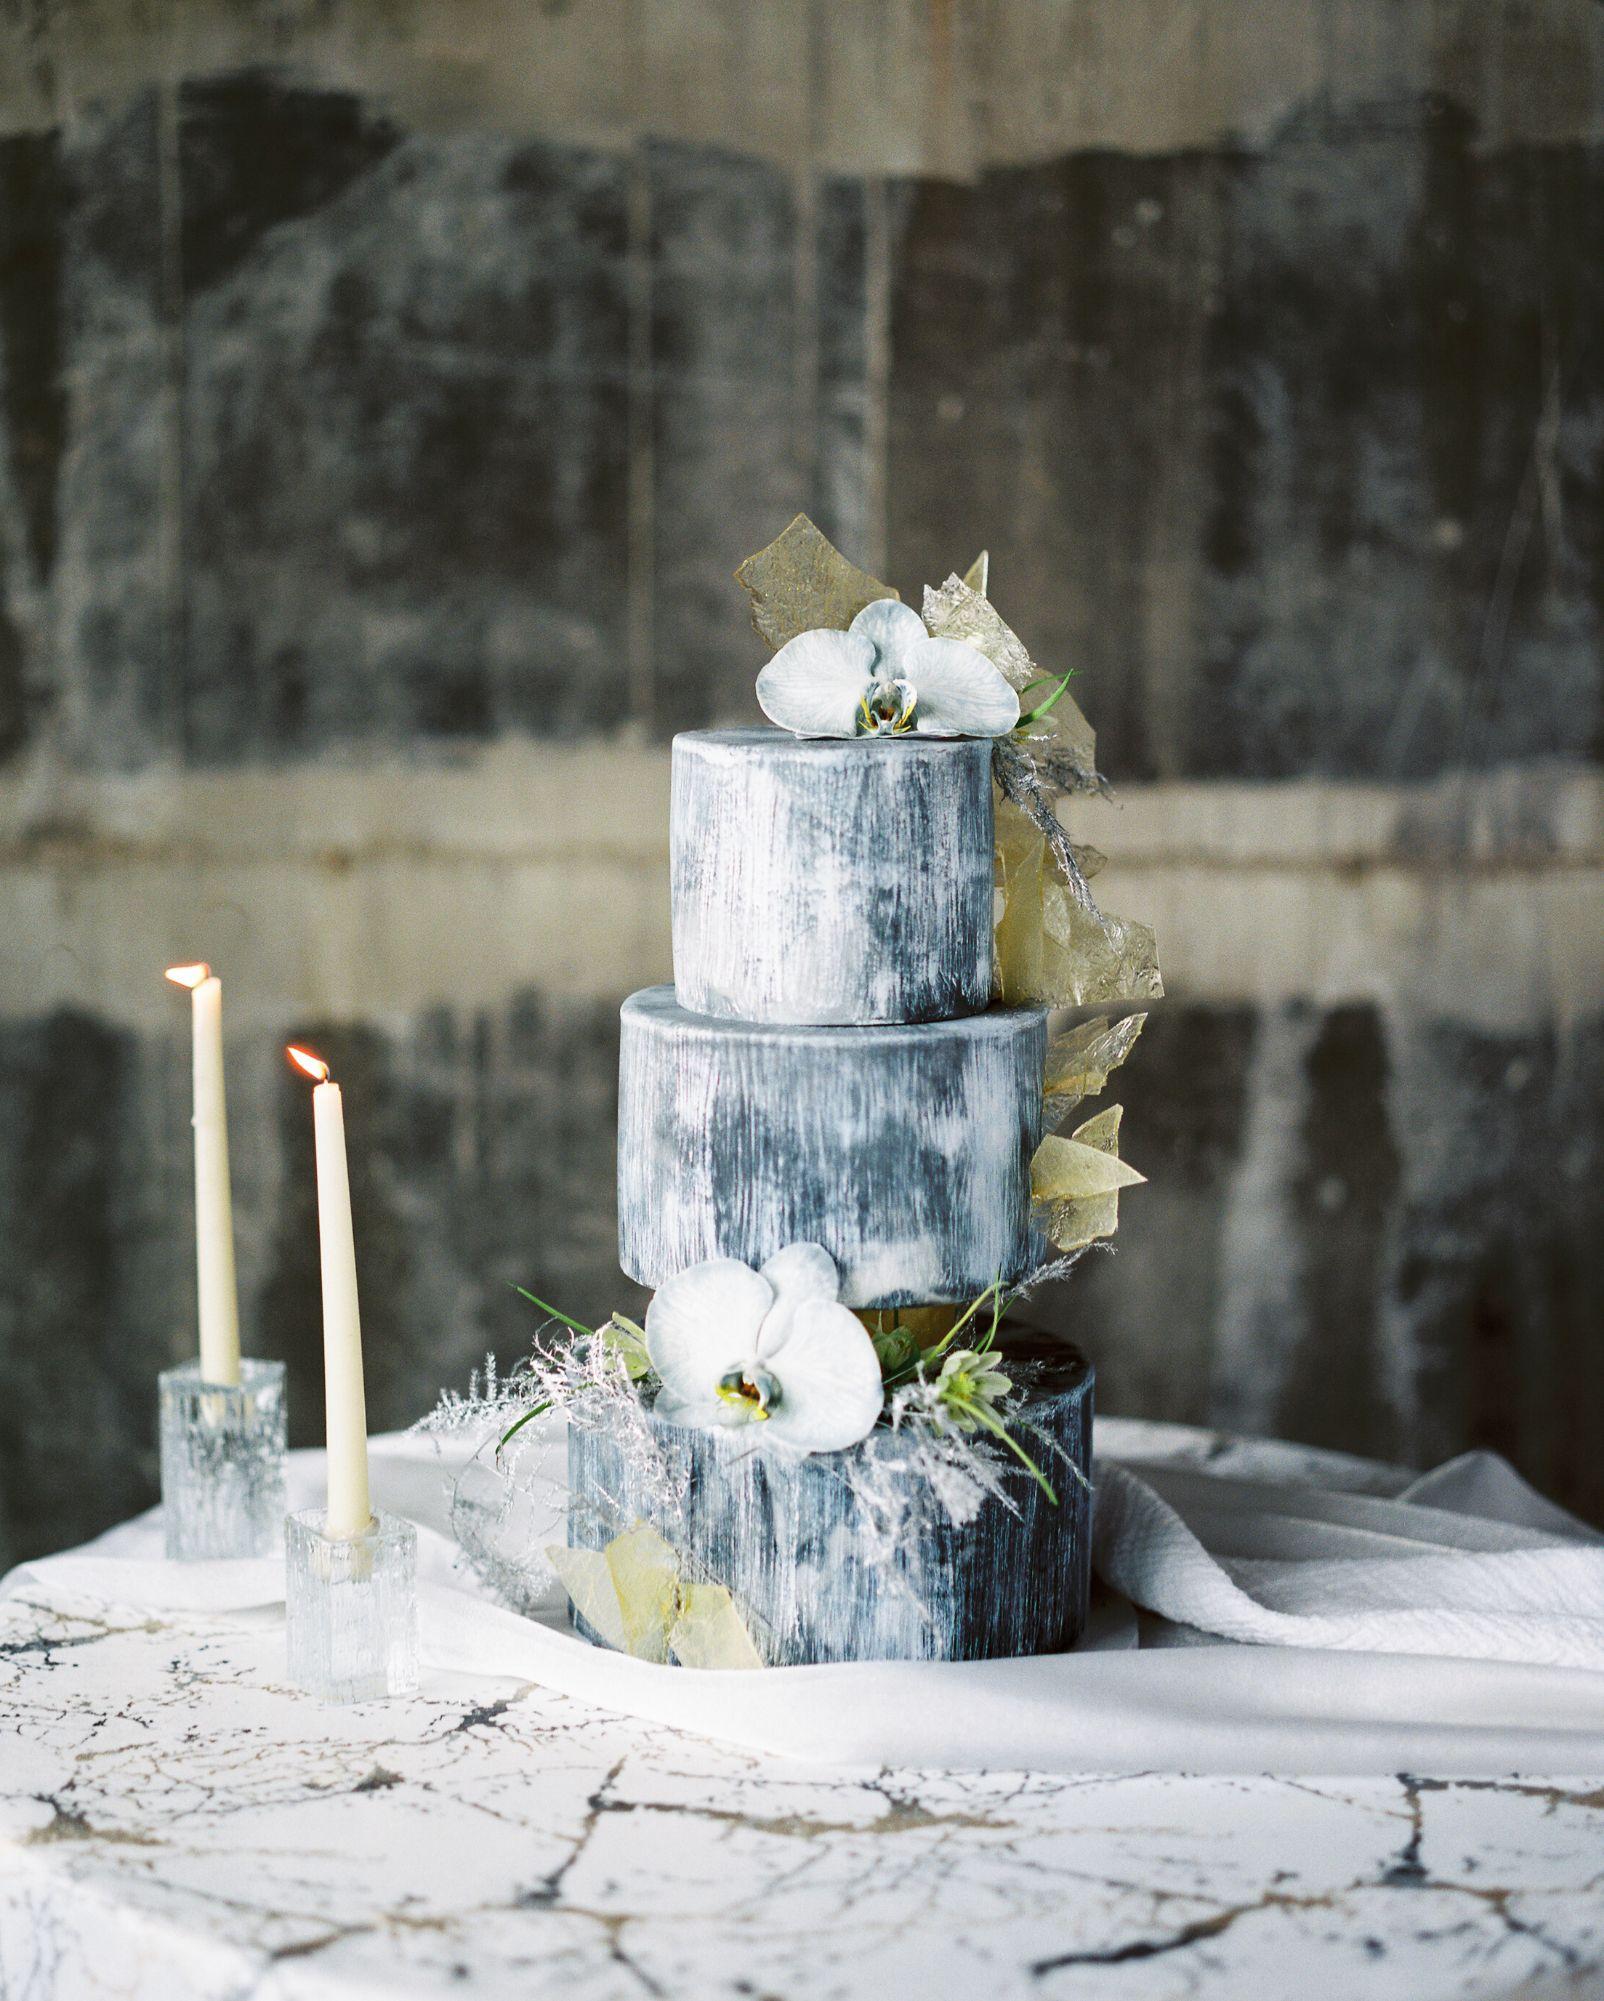 olio-peabody-boston-lesbian-wedding-style-daylynn-designs6 2.jpg